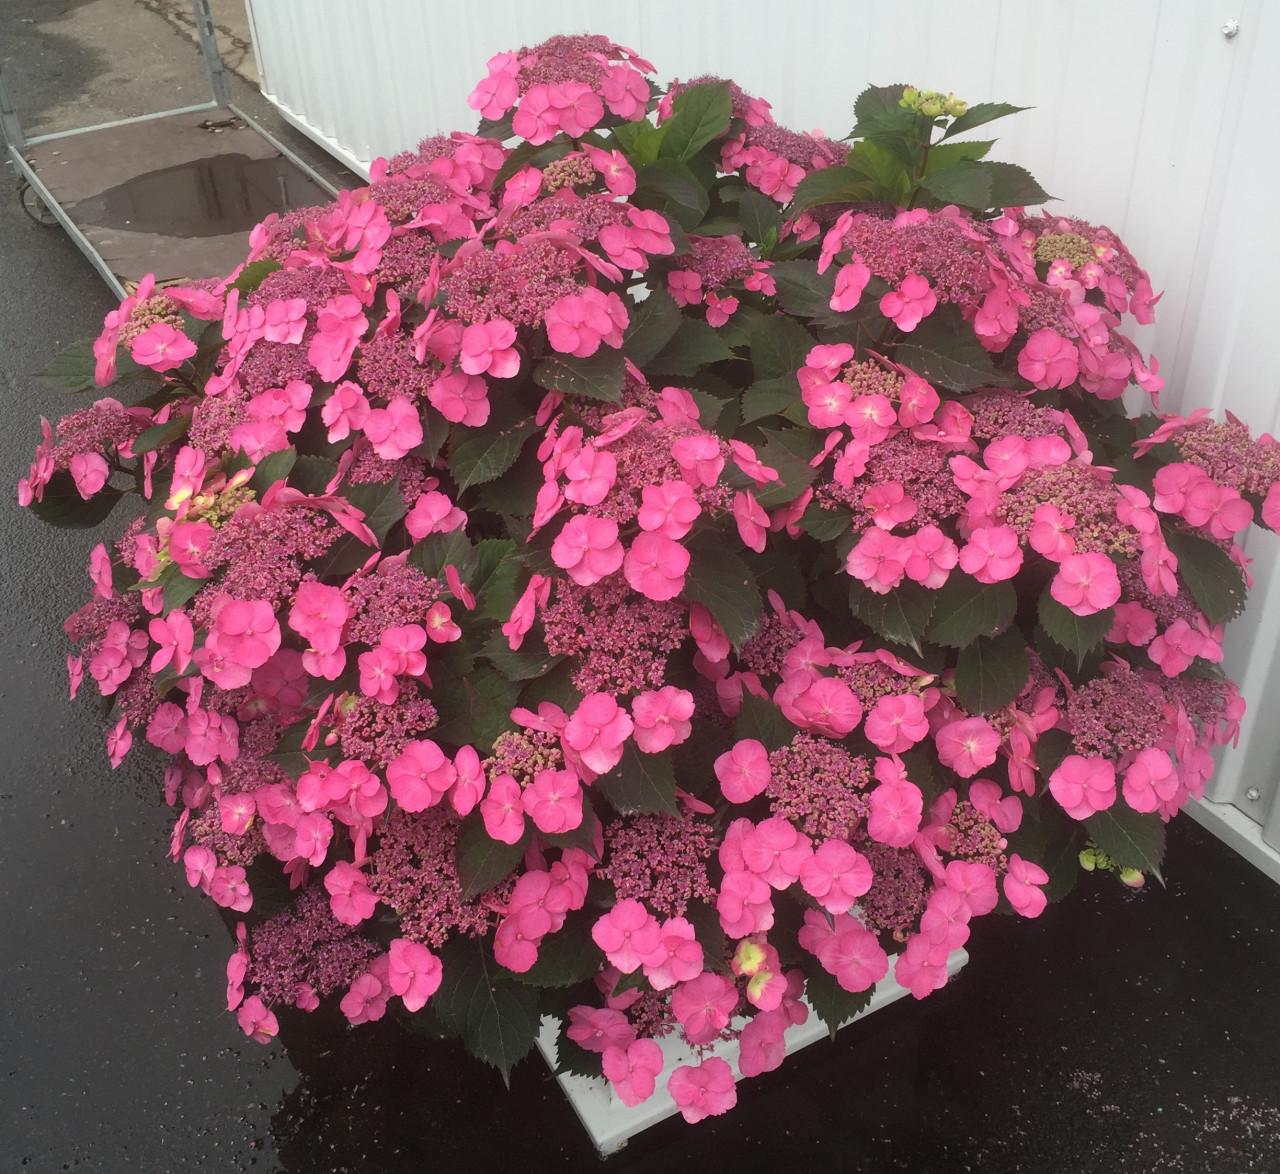 HYDRANGEA serrata ´Cotton Candy´ (´MAK20´)Ⓢ (=Hydrangea serrata ´Tuff Stuff´)® PW®